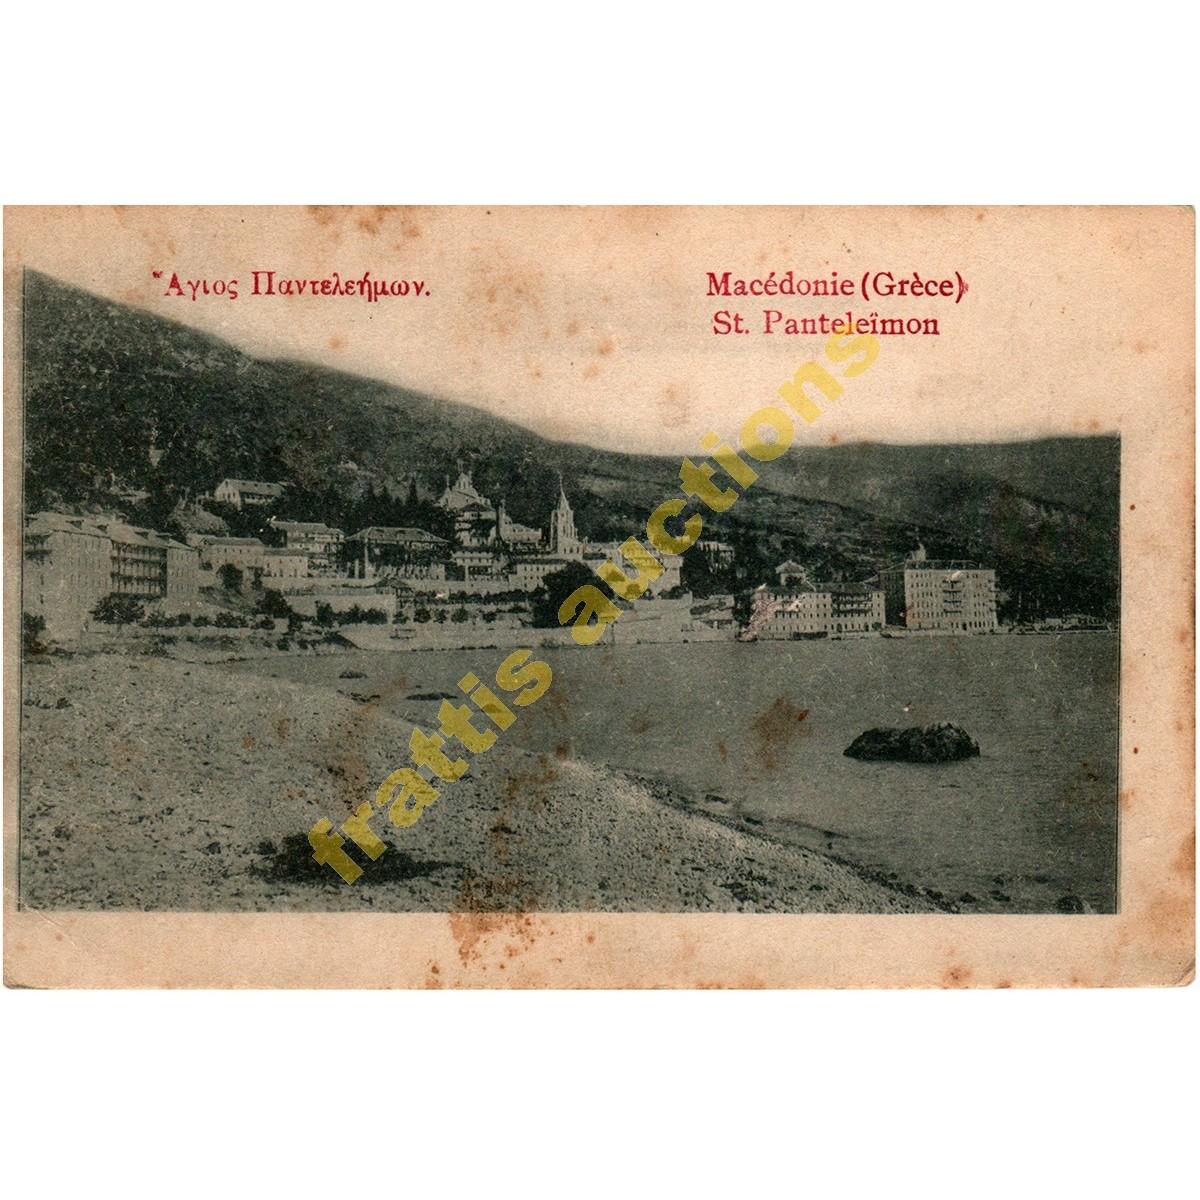 Ι.Μ. ΑΓΙΟΥ ΠΑΝΤΕΛΕΗΜOΝΟΣ, Macedonie (Grece) St. Panteleimon, editeur Hananel Naar. Salonique